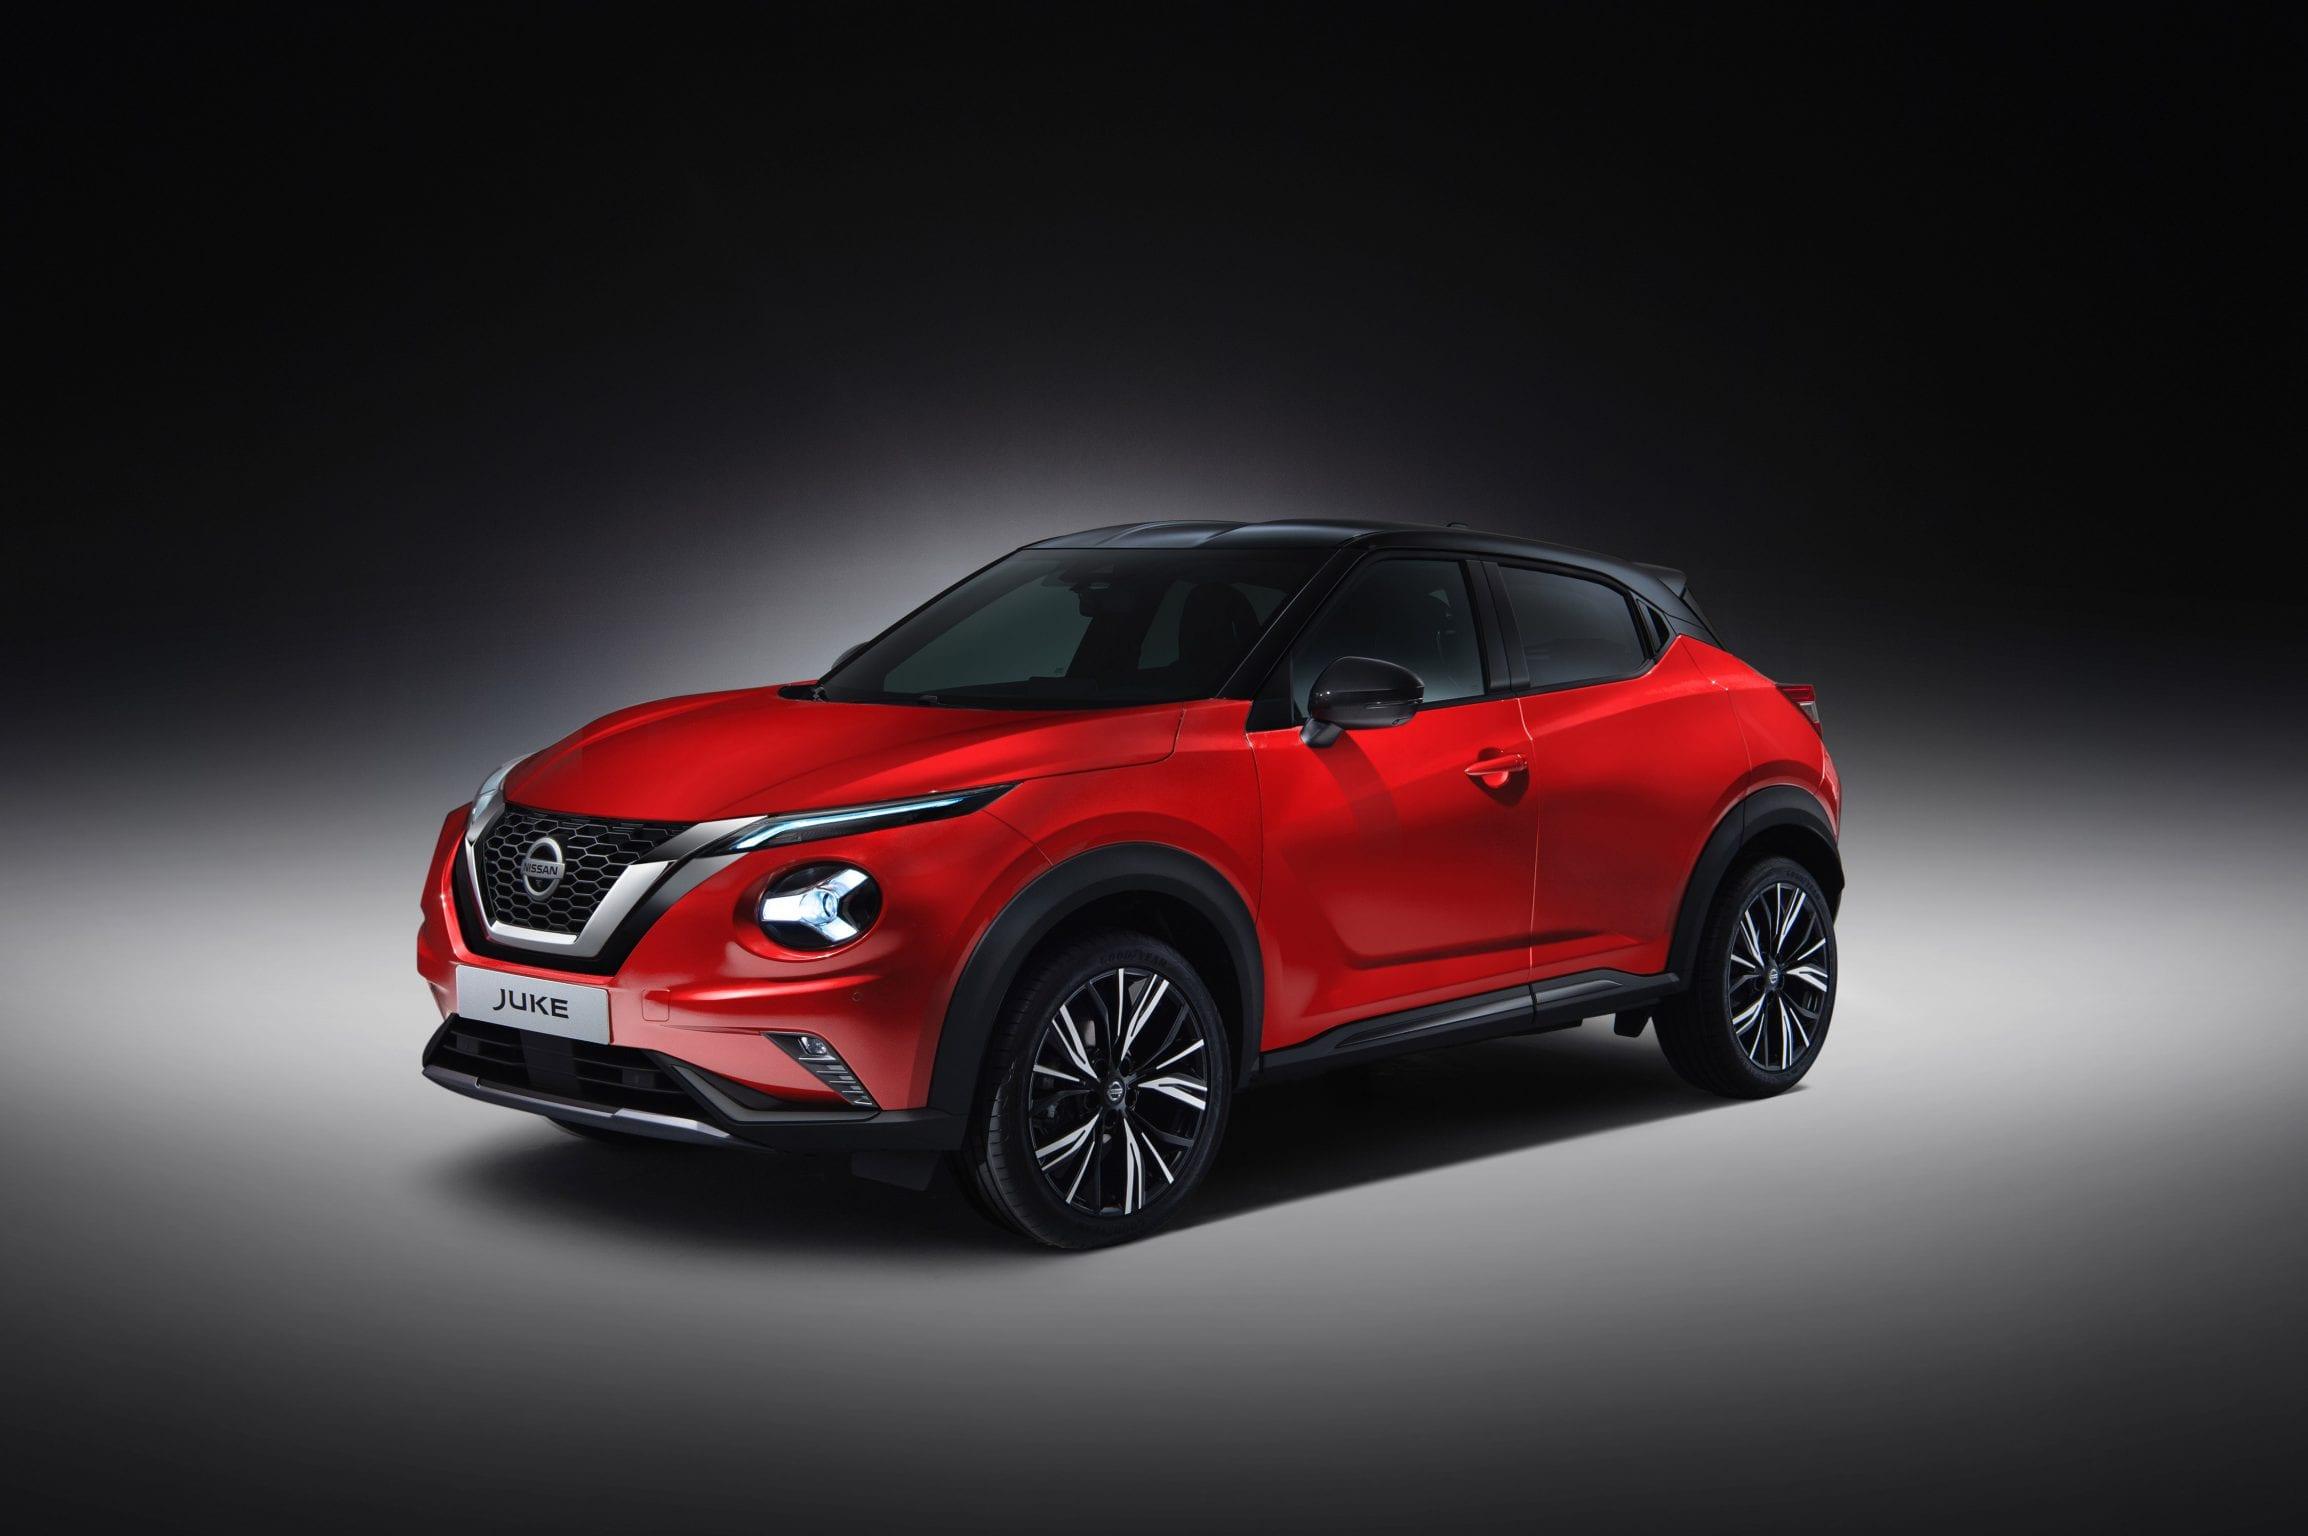 Afbeelding voor Nieuwe Nissan JUKE: eigenzinnige compacte crossover behoudt eigen karakter